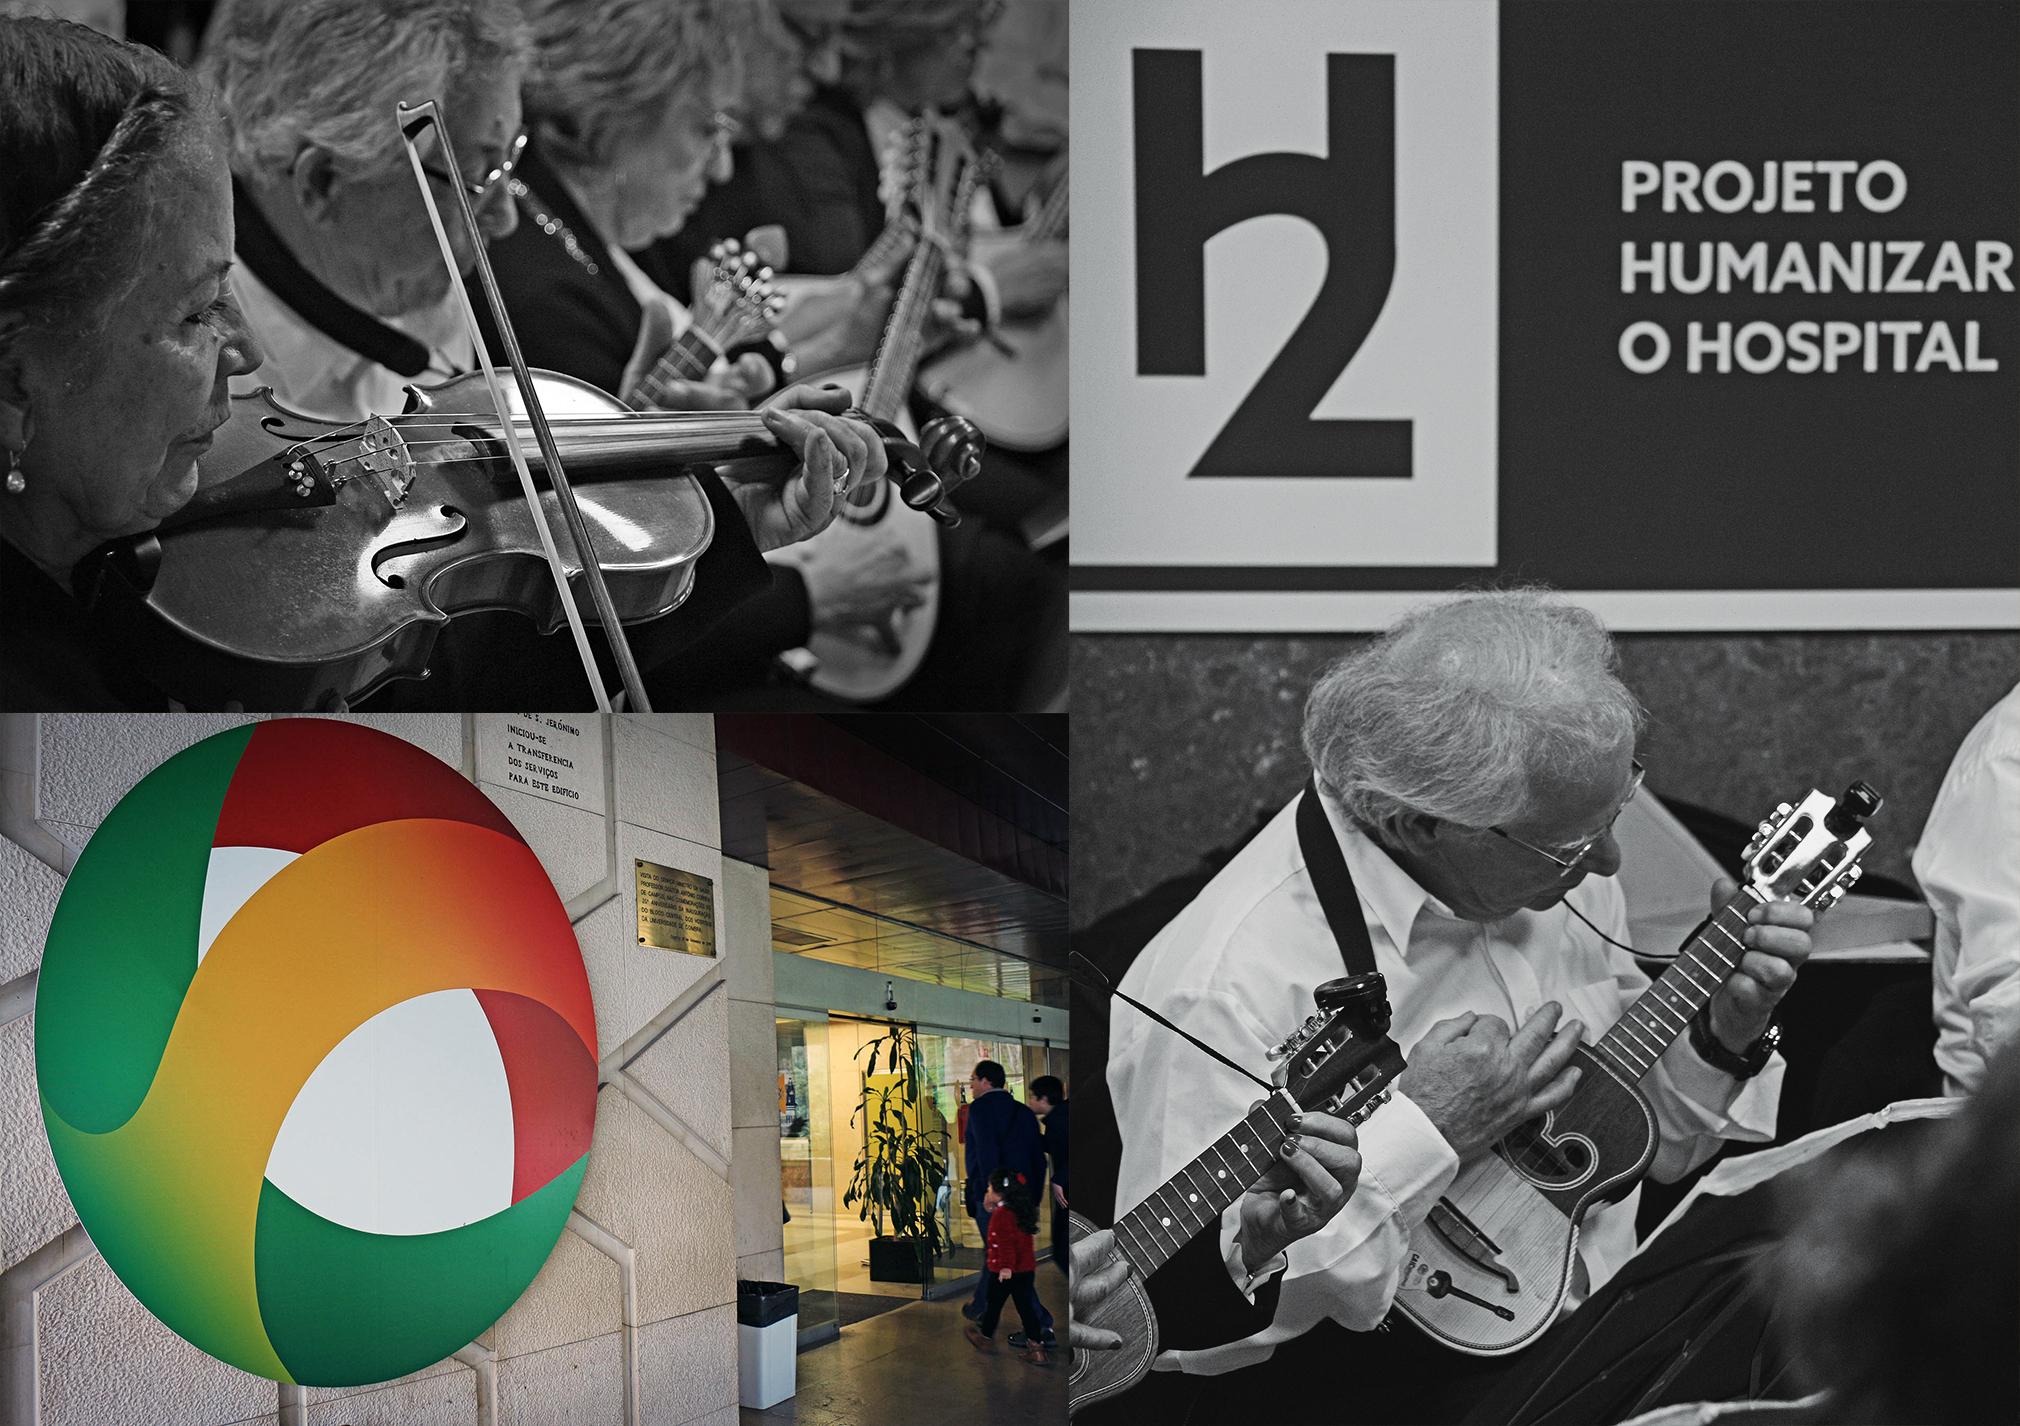 CAPhoto Rede de PROFISSIONAIS I Fotografia, Reportagem e Vídeo